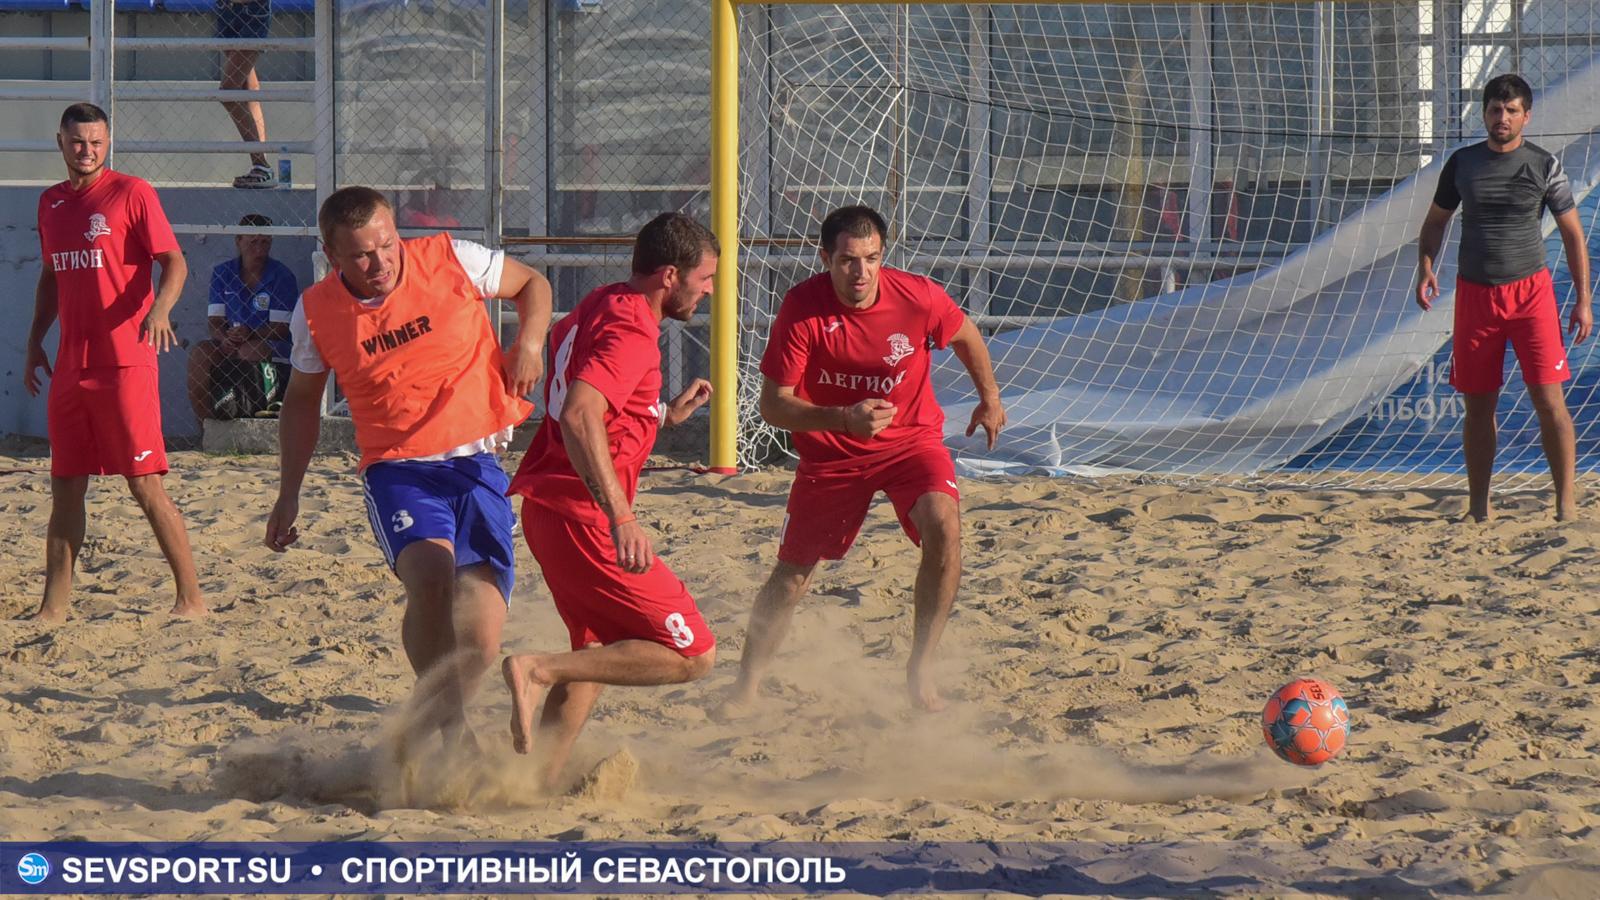 Сегодня состоятся решающие матчи «Кубка губернатора Севастополя по пляжному футболу»